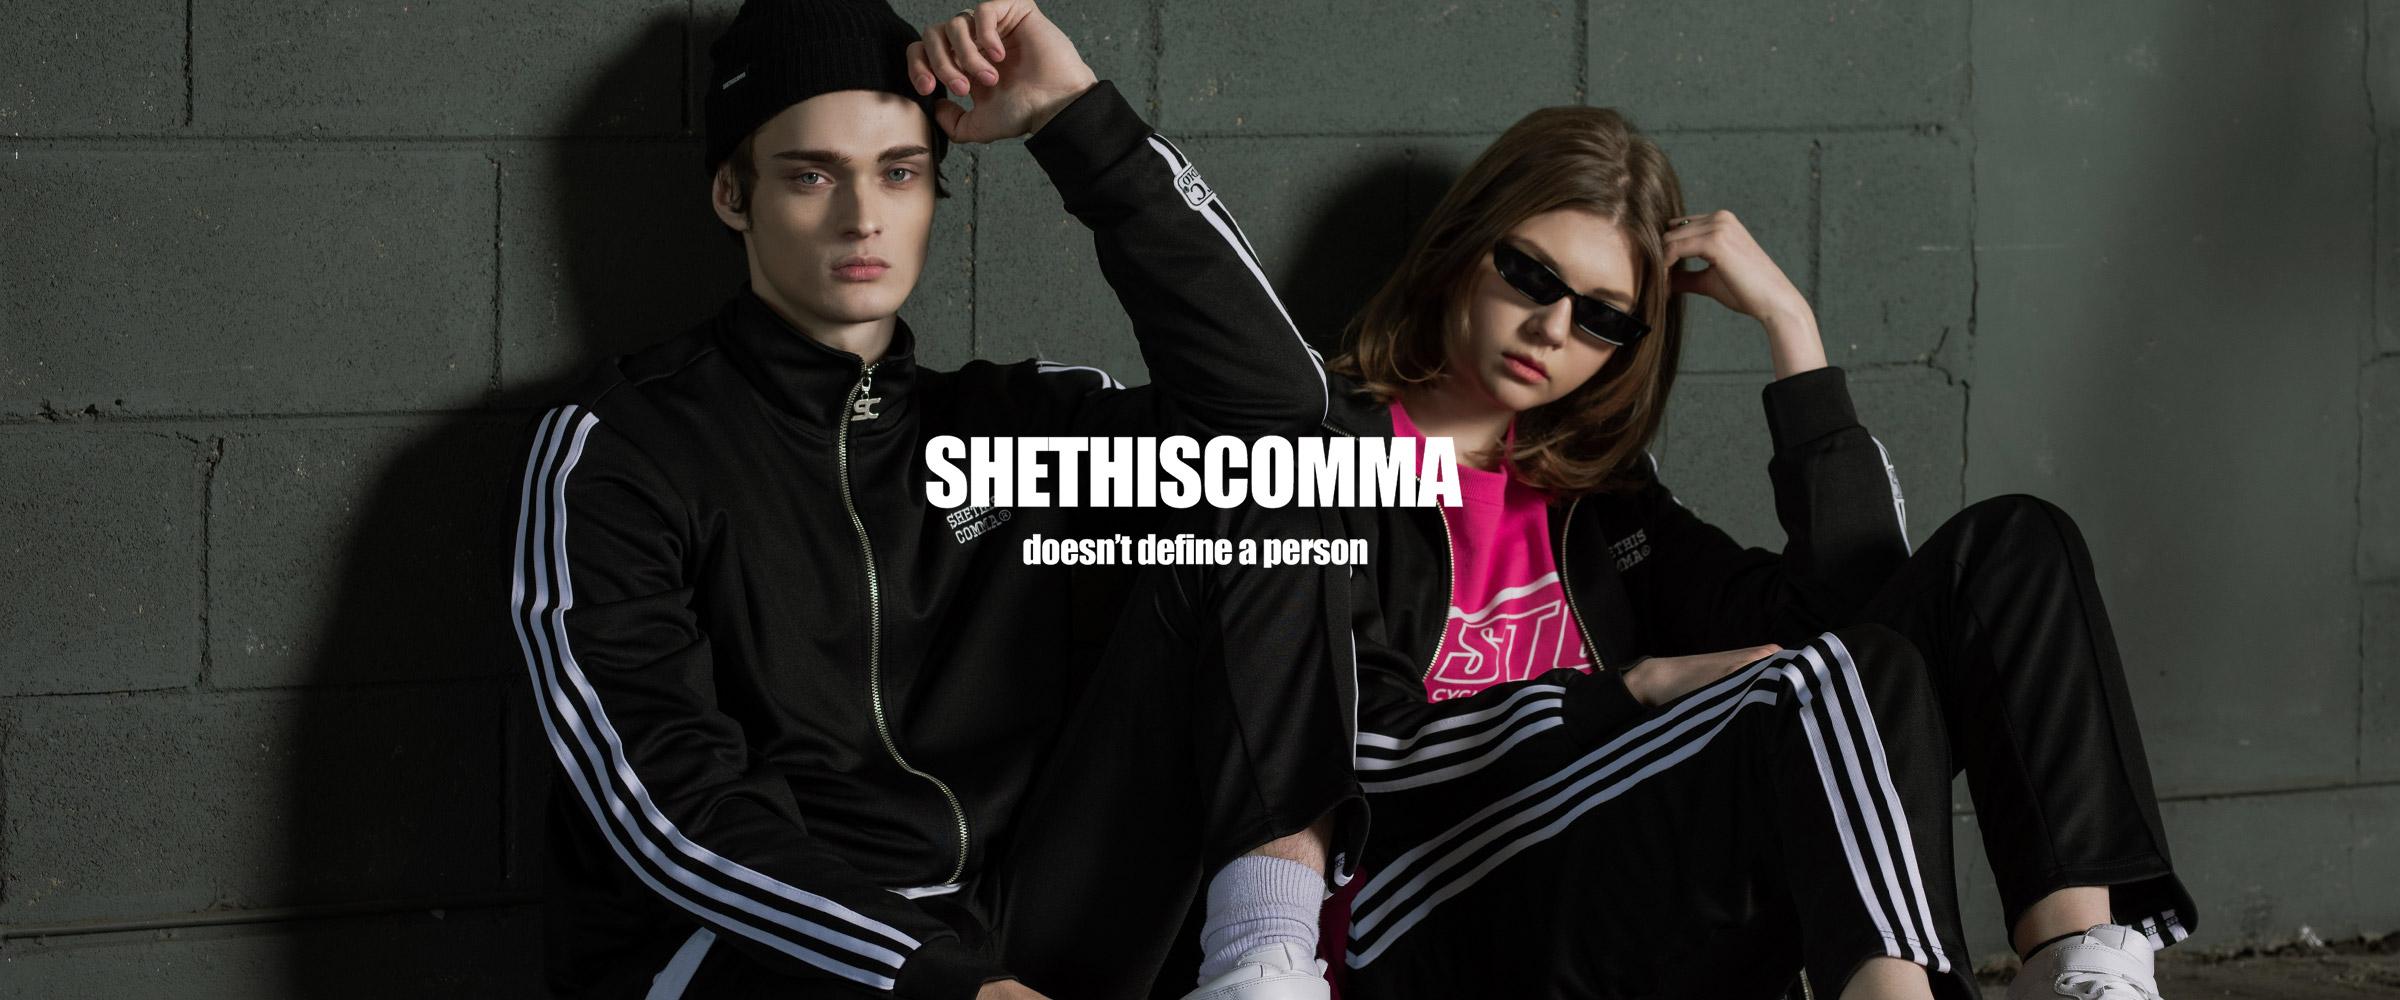 shethiscomma.jpg